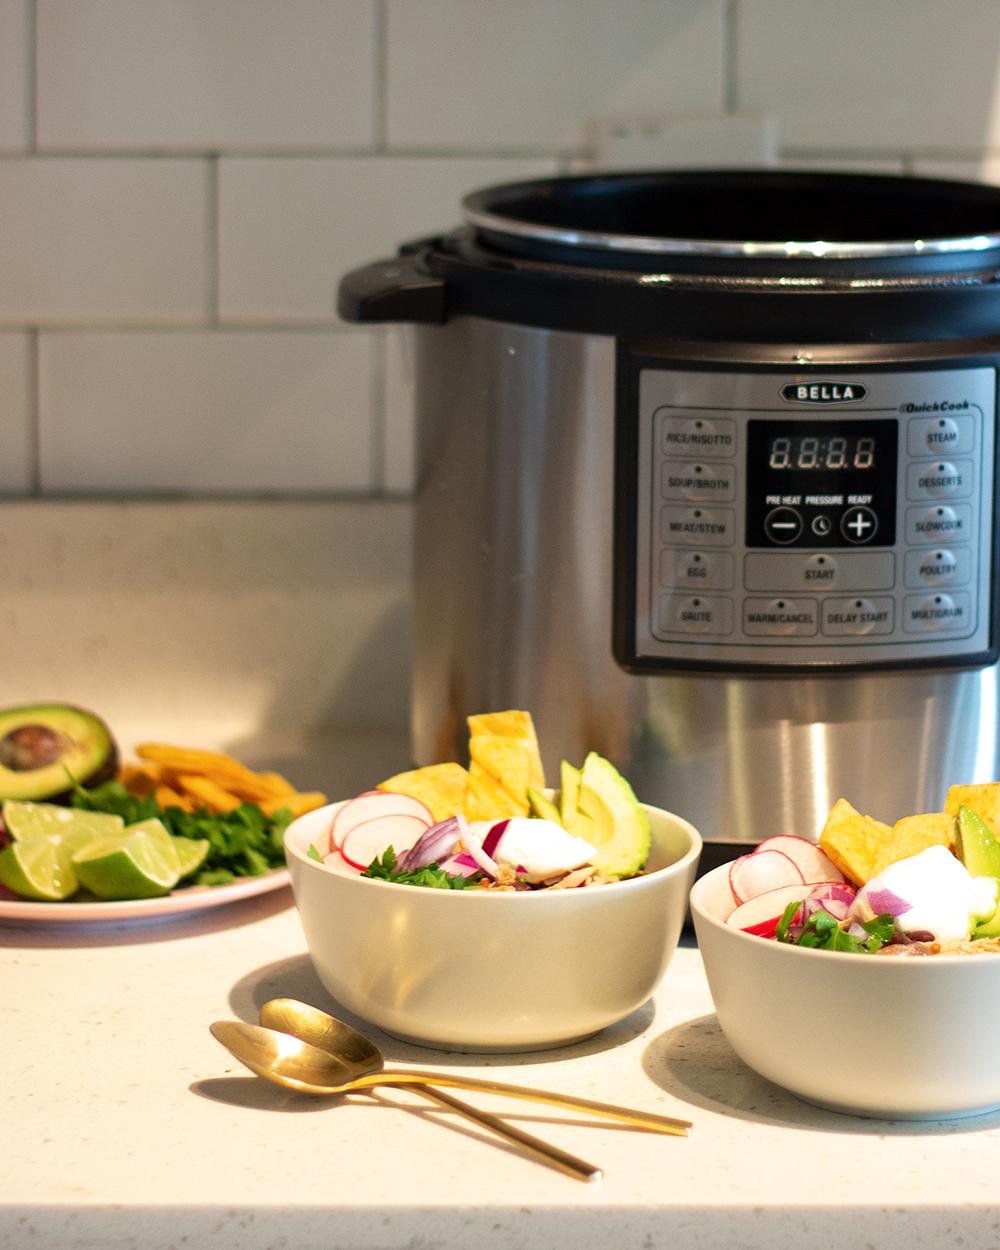 livvyland-blog-olivia-watson-chicken-tortilla-soup-recipe-bella-multicooker-2